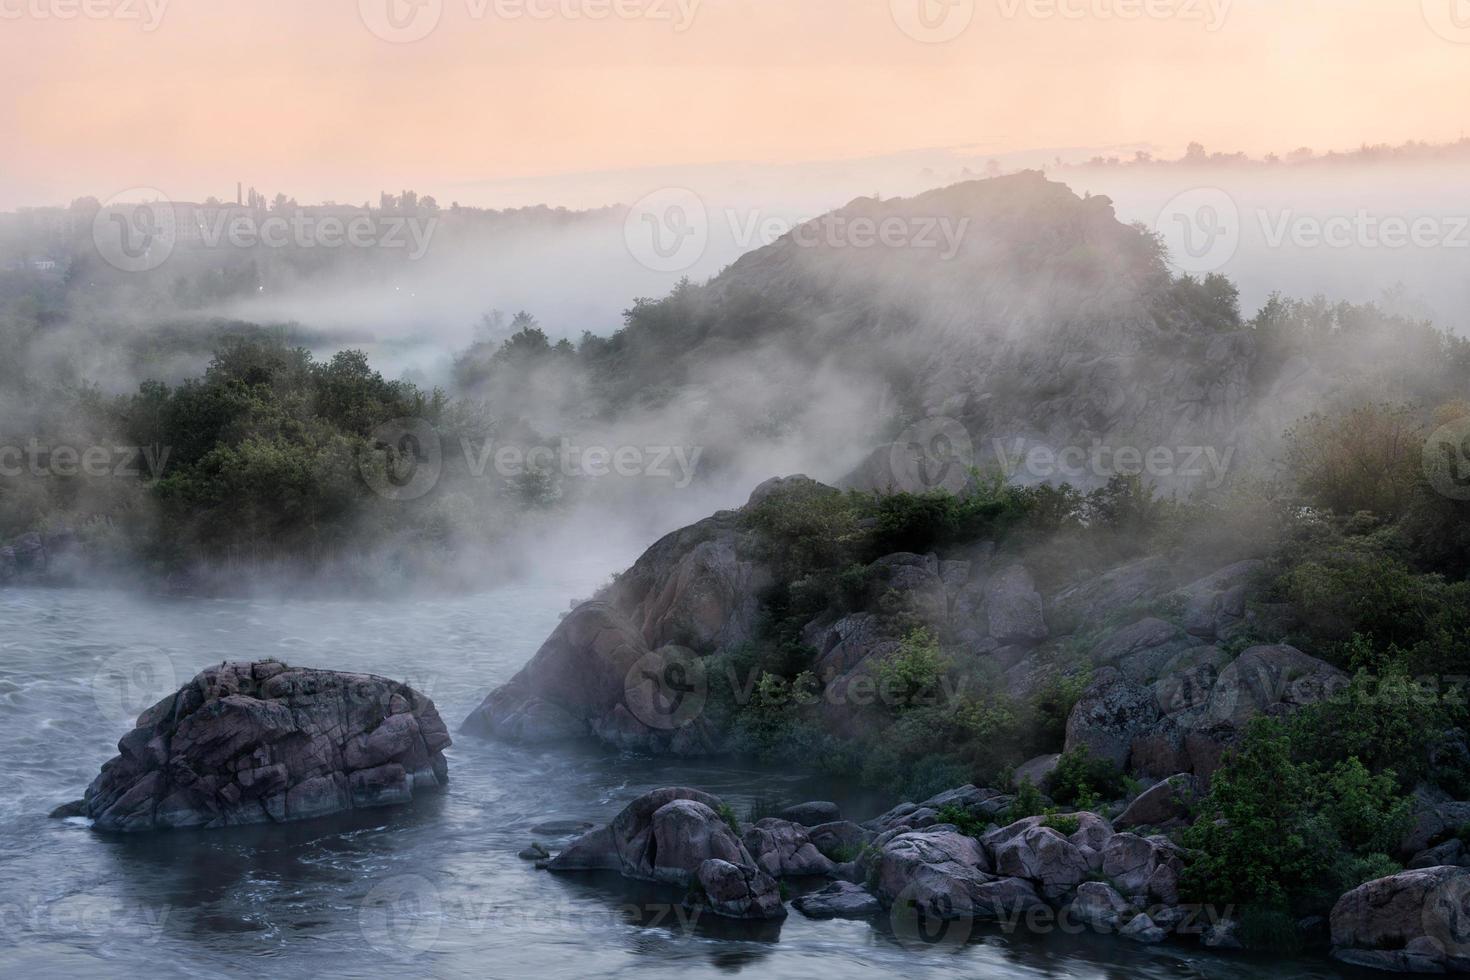 manhã nevoenta do rio foto